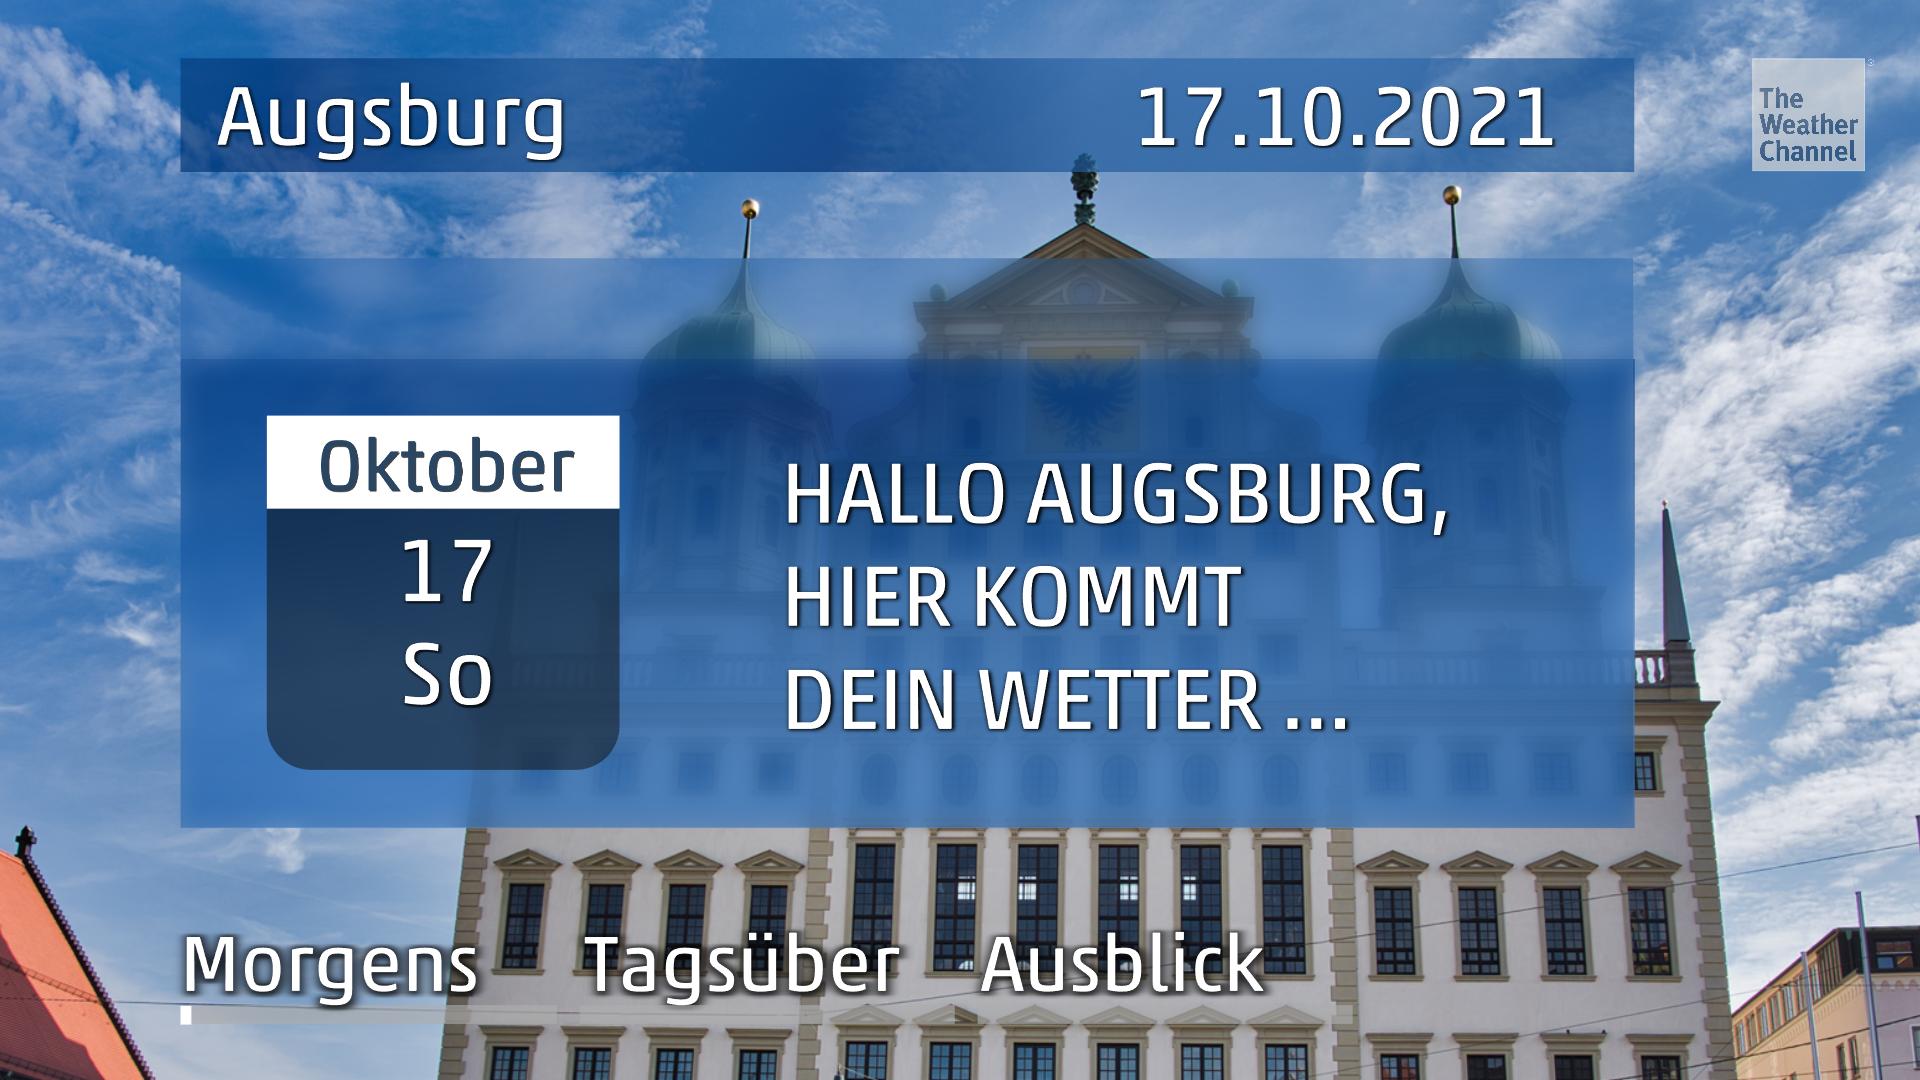 Das Wetter für Augsburg am Sonntag, den 17.10.2021